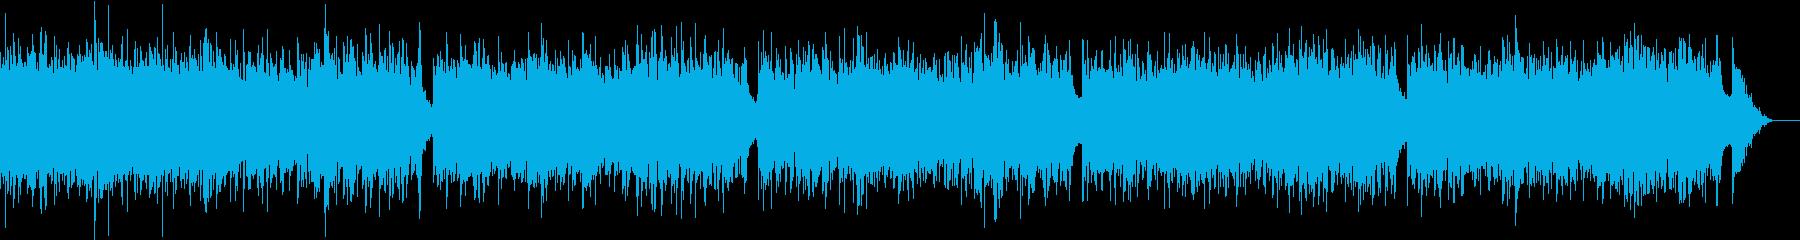 心癒されるヒーリングbgmの再生済みの波形